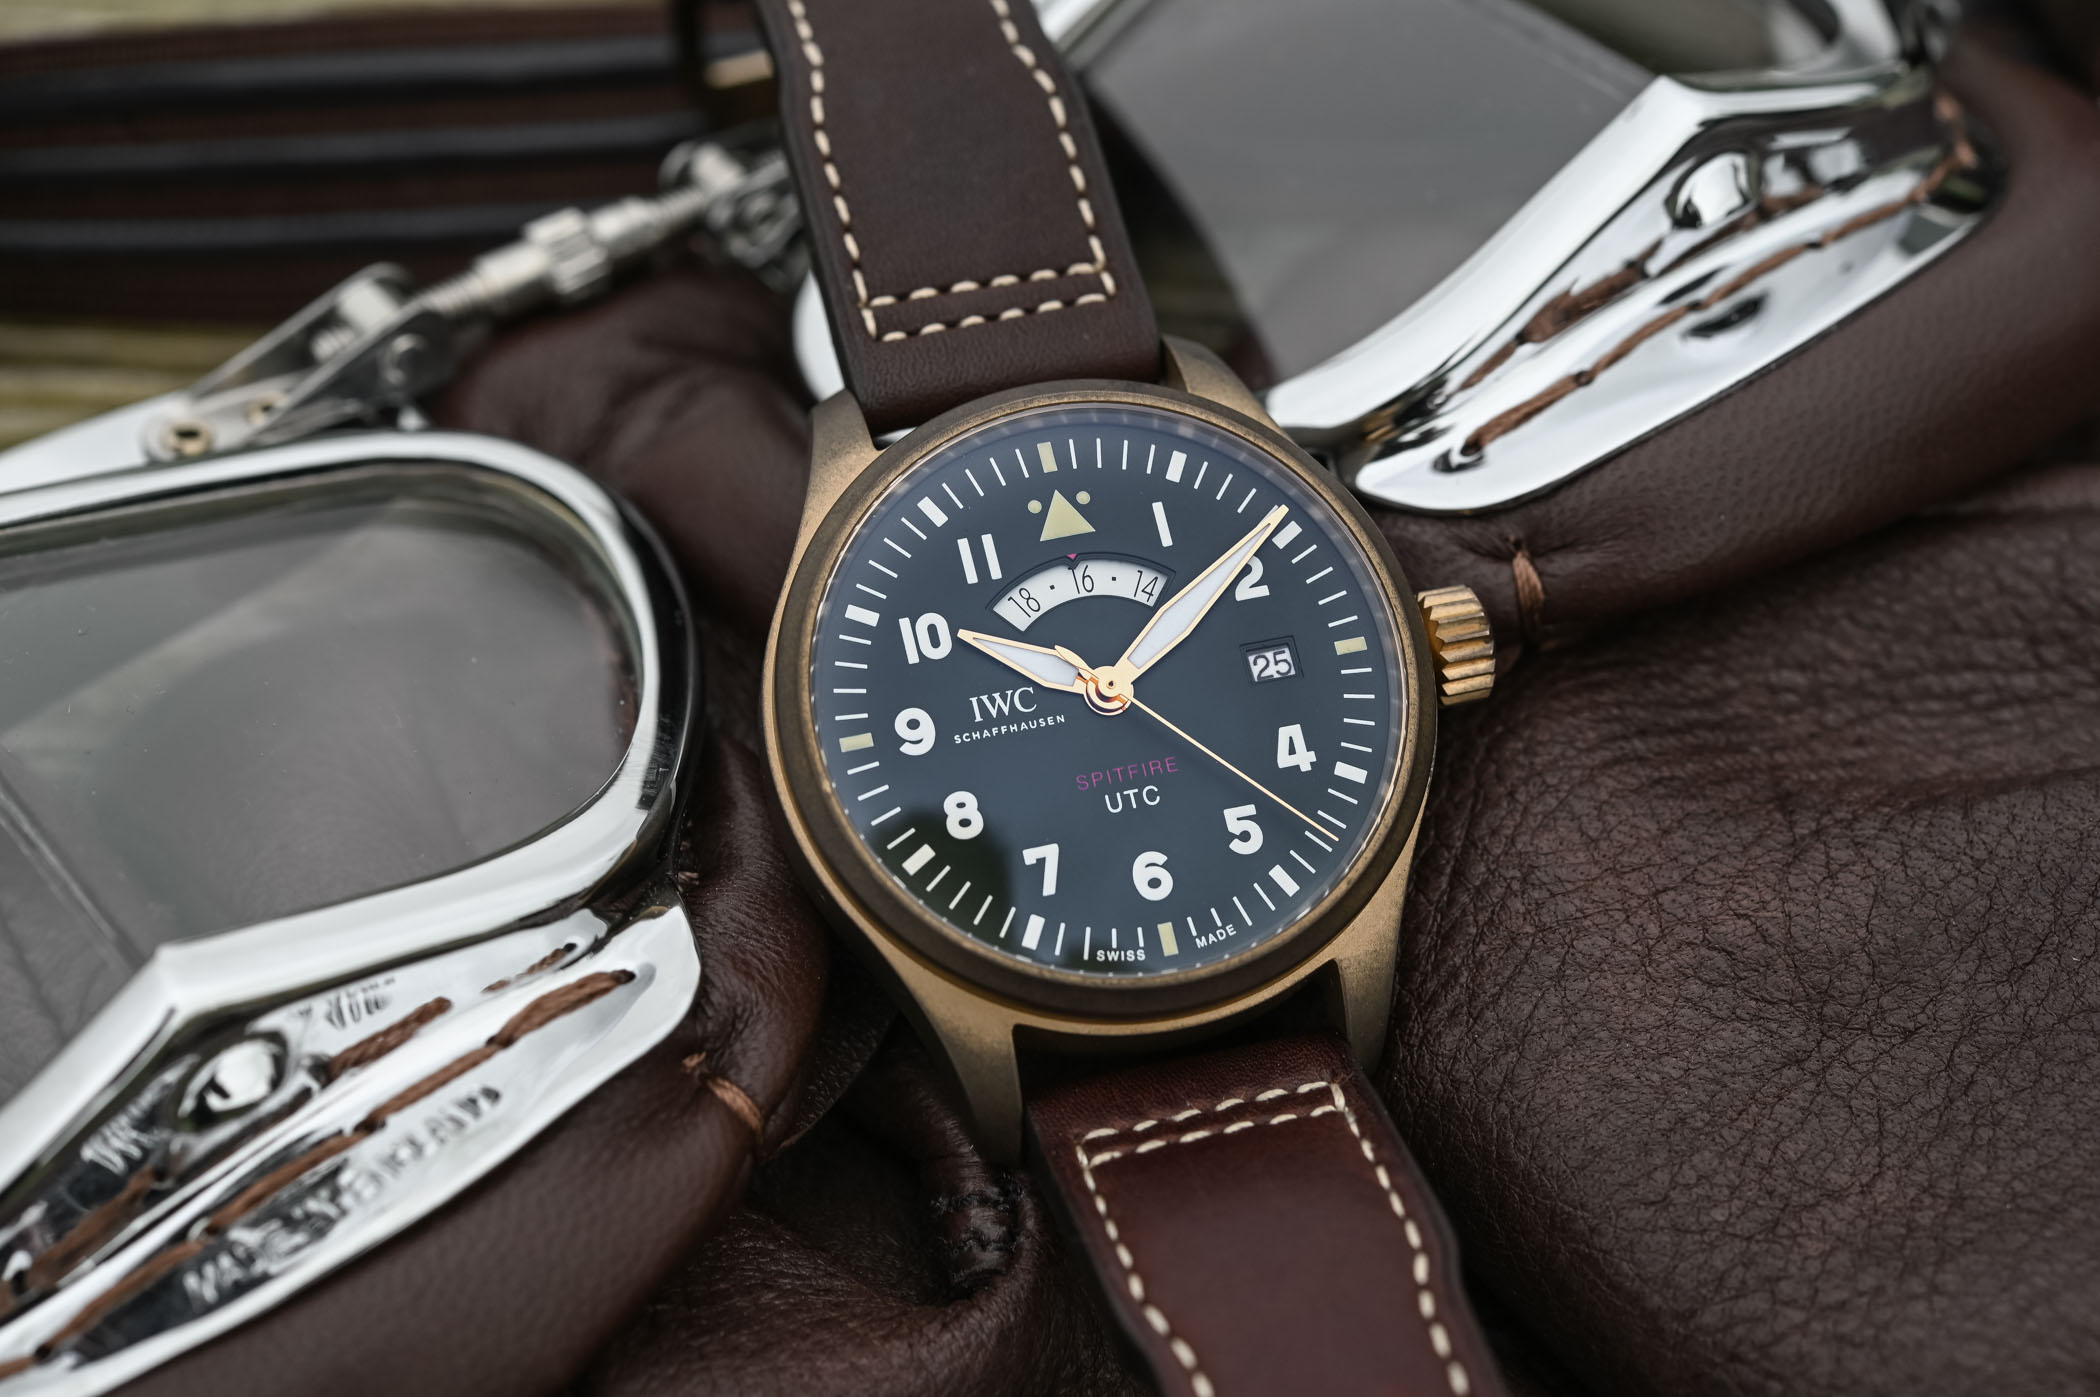 iwc pilot u2019s watch utc spitfire edition  u201cmj271 u201d ref